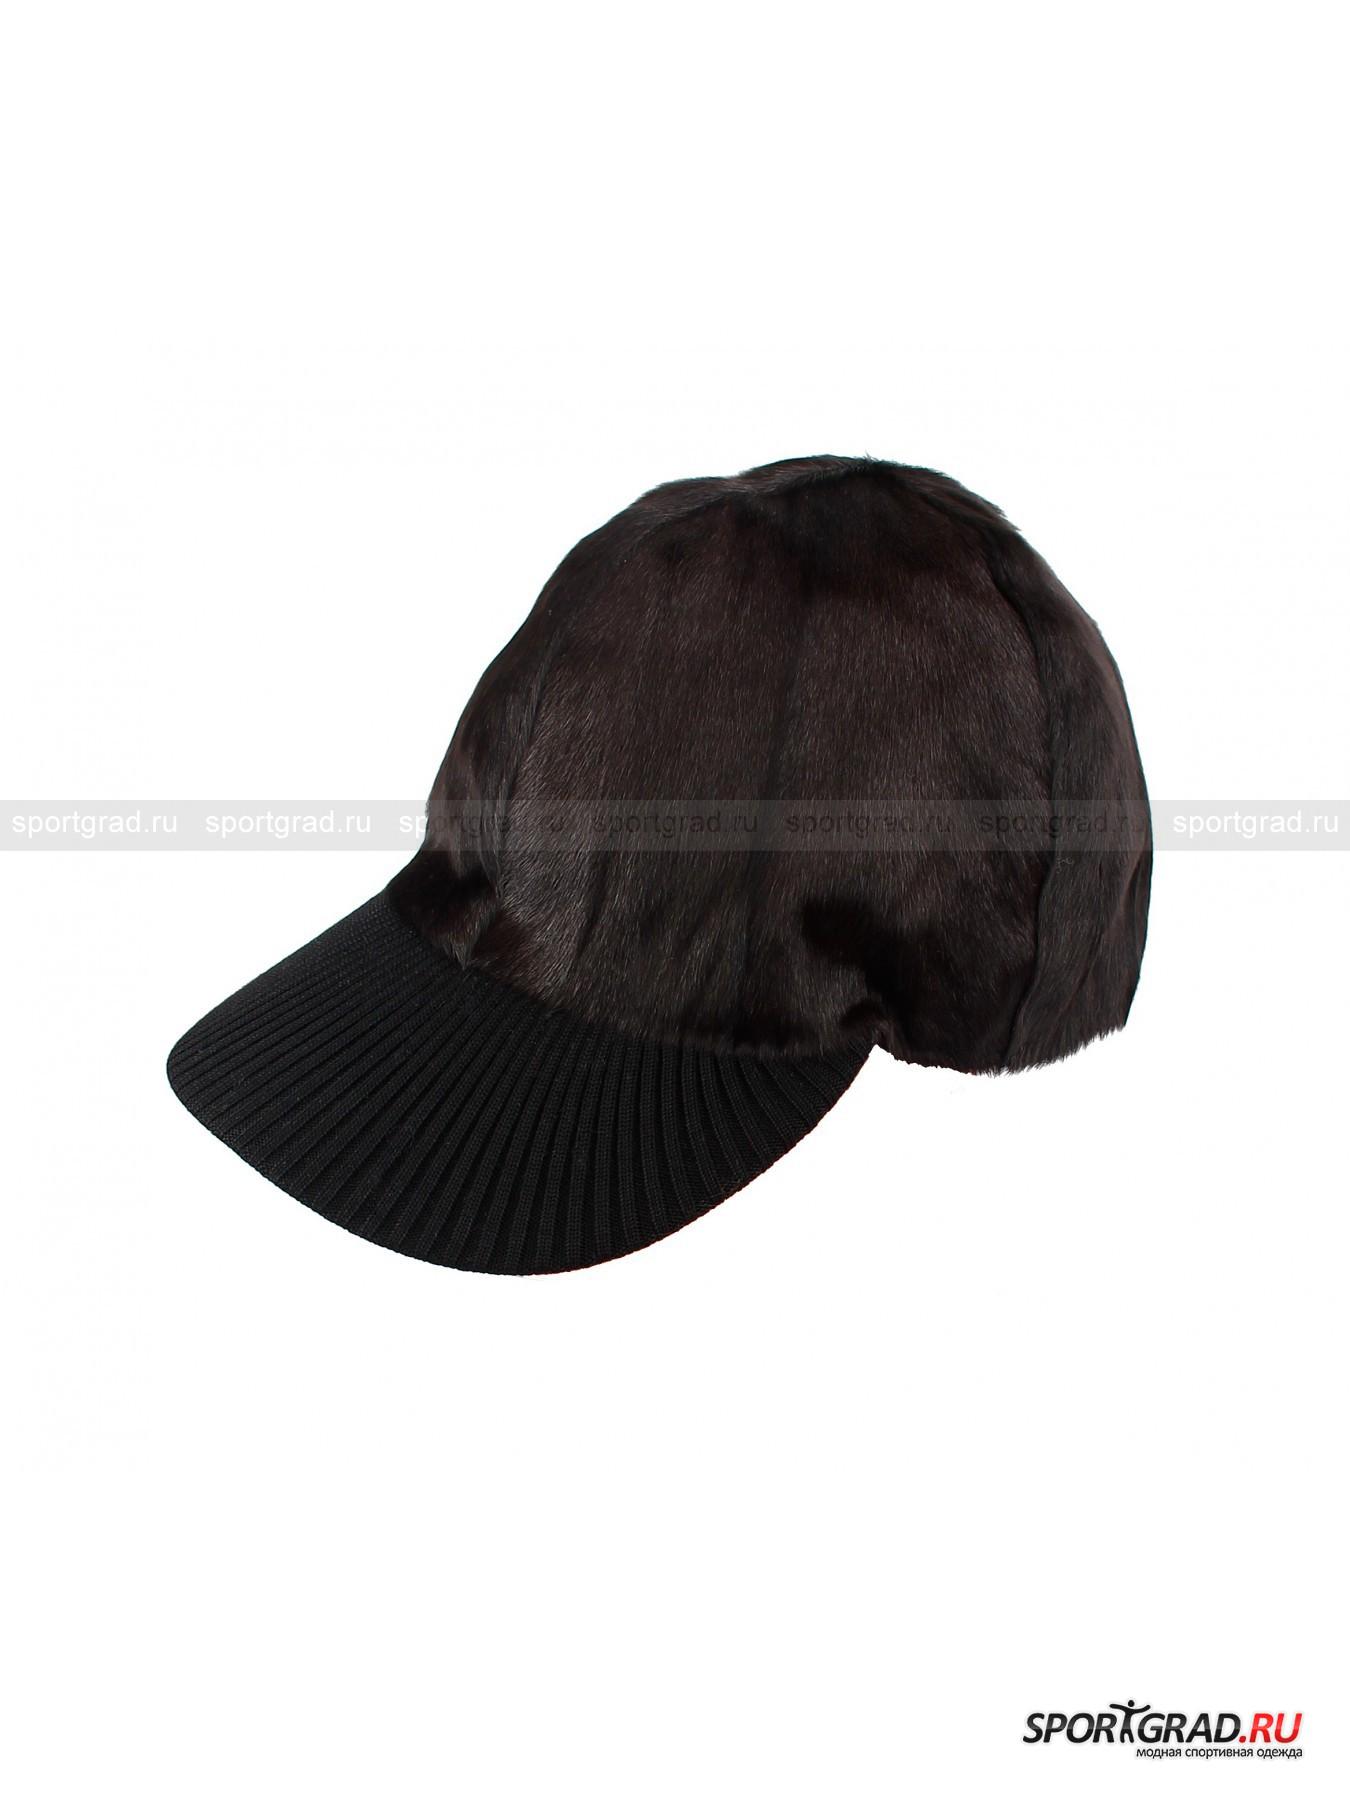 Женская кепка BOGNER Tonje от Спортград